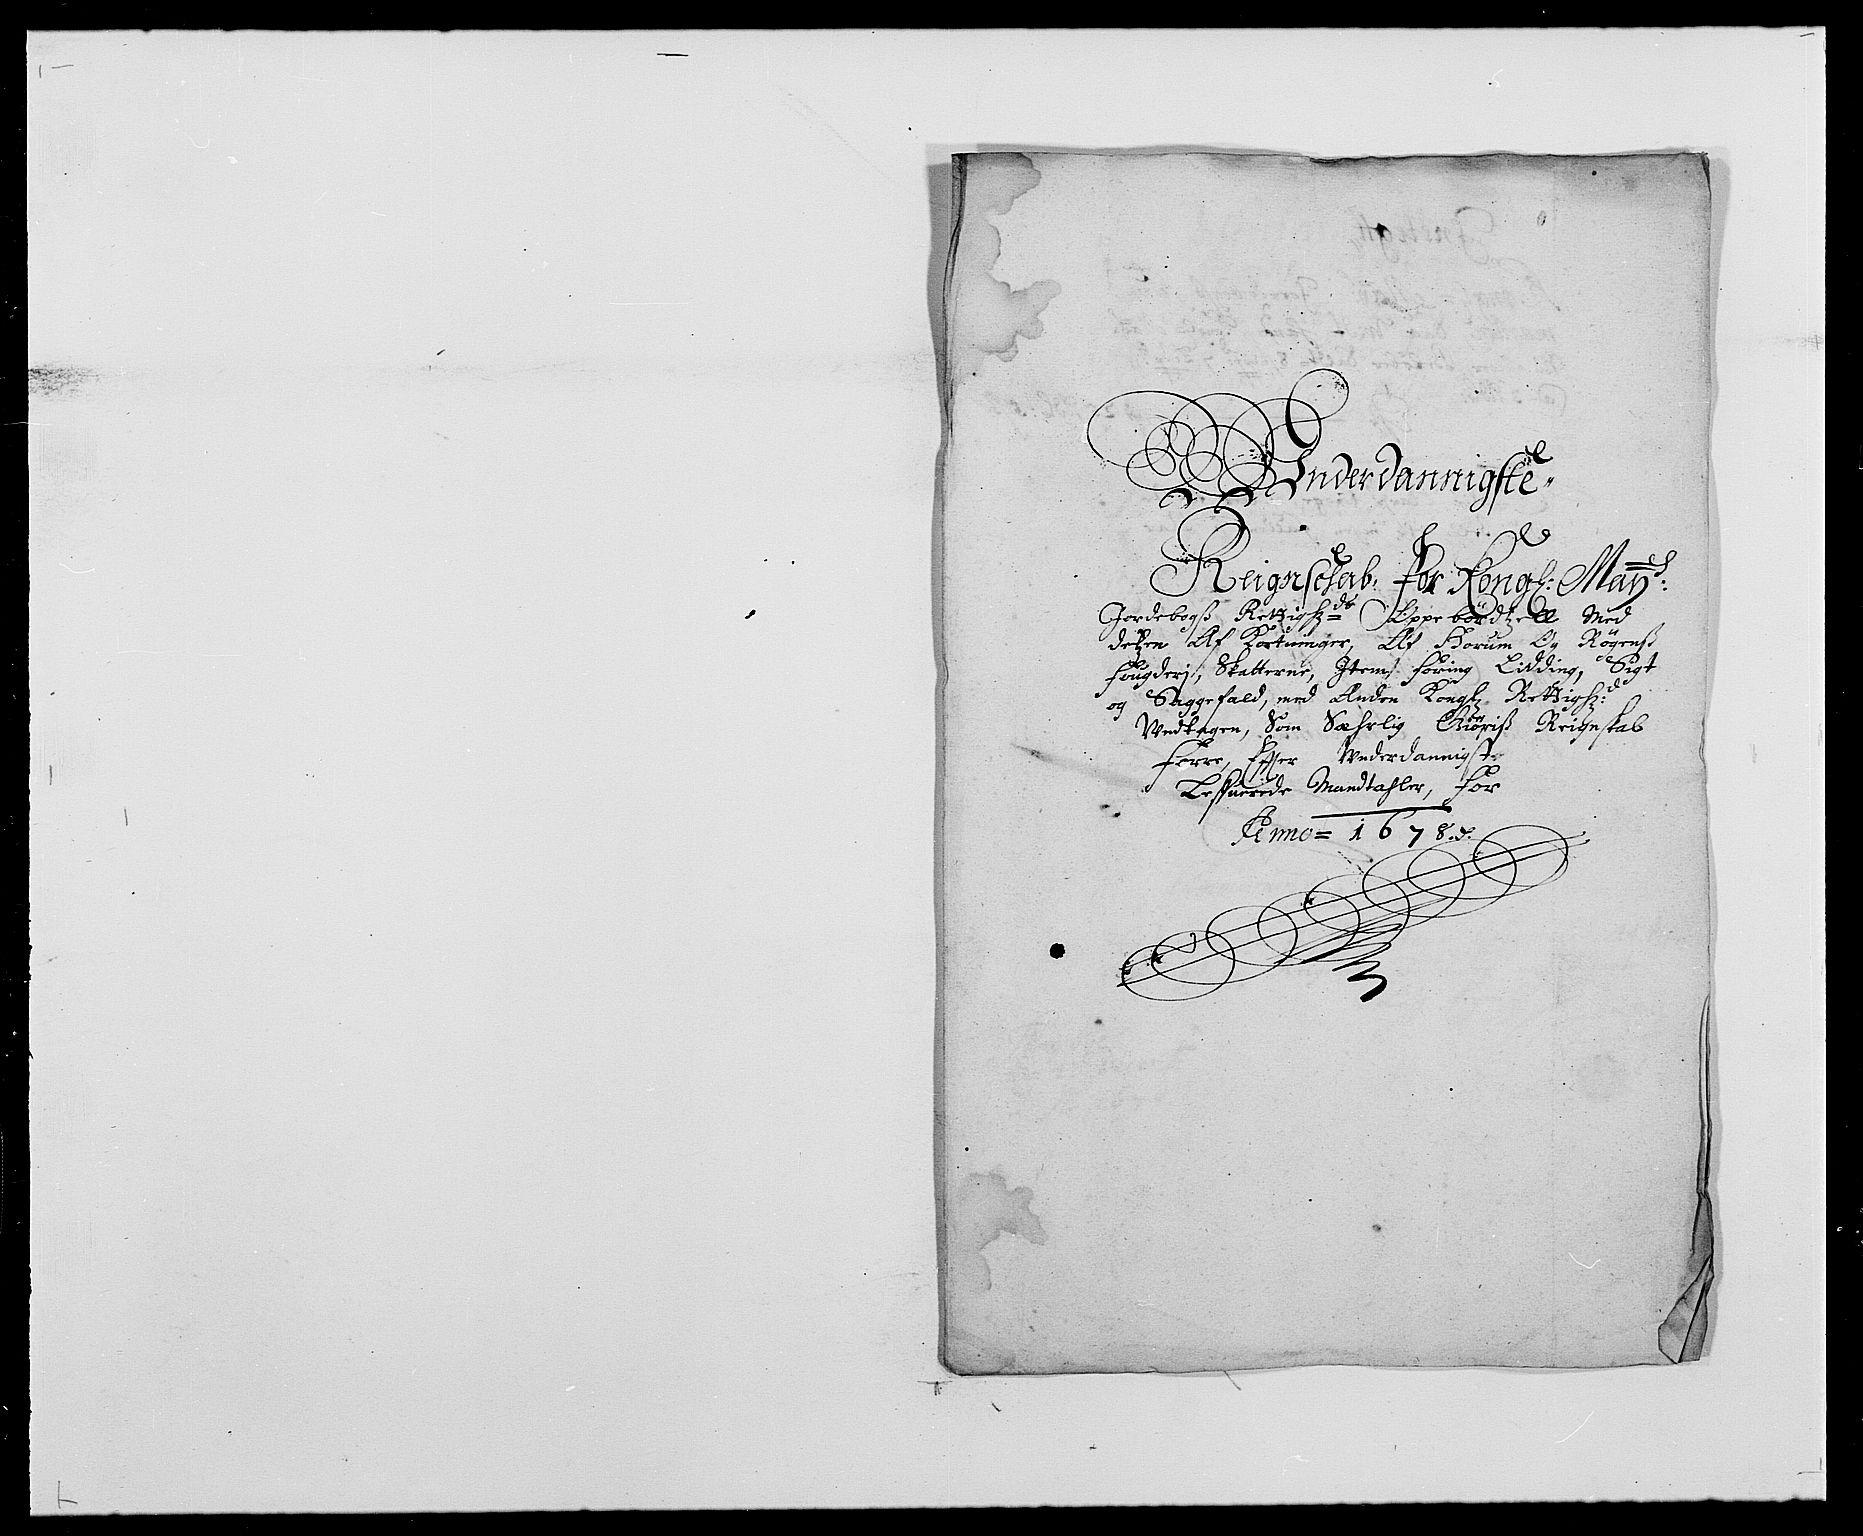 RA, Rentekammeret inntil 1814, Reviderte regnskaper, Fogderegnskap, R29/L1691: Fogderegnskap Hurum og Røyken, 1678-1681, s. 39